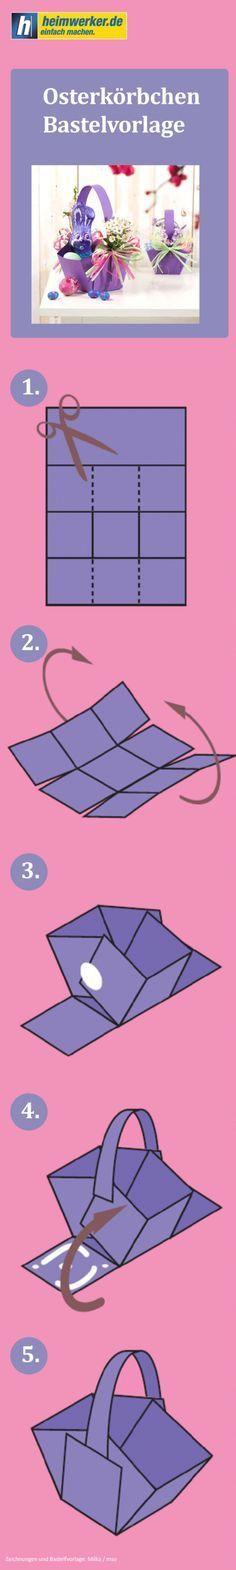 Bastelvorlage für ein Osterkörbchen mit Schritt-für-Schritt-Bastelanleitung. Bastelbogen für einen Osterkorb.